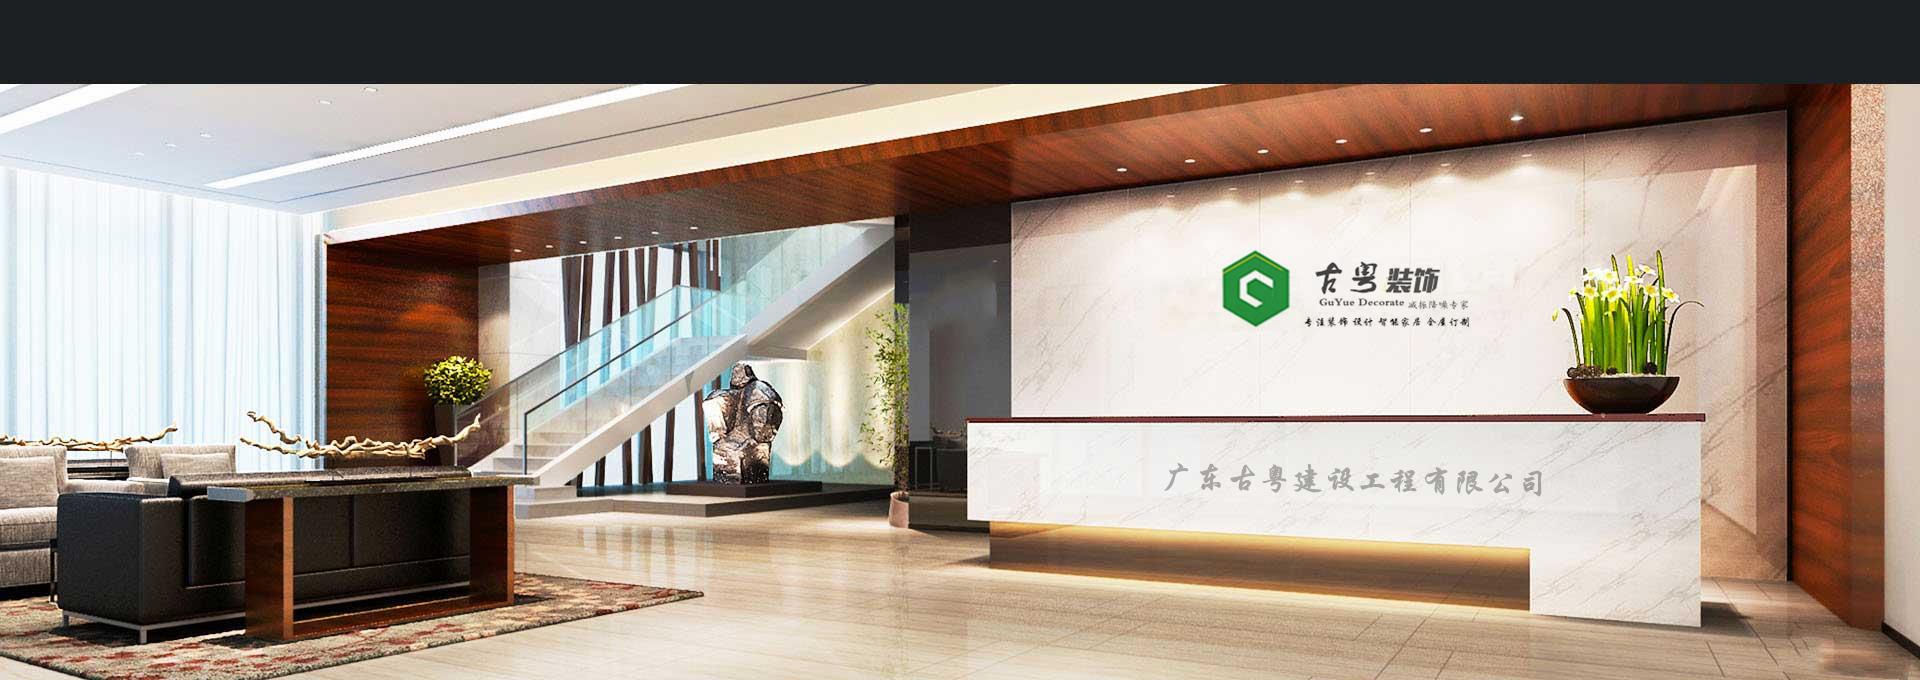 古粤环保公司